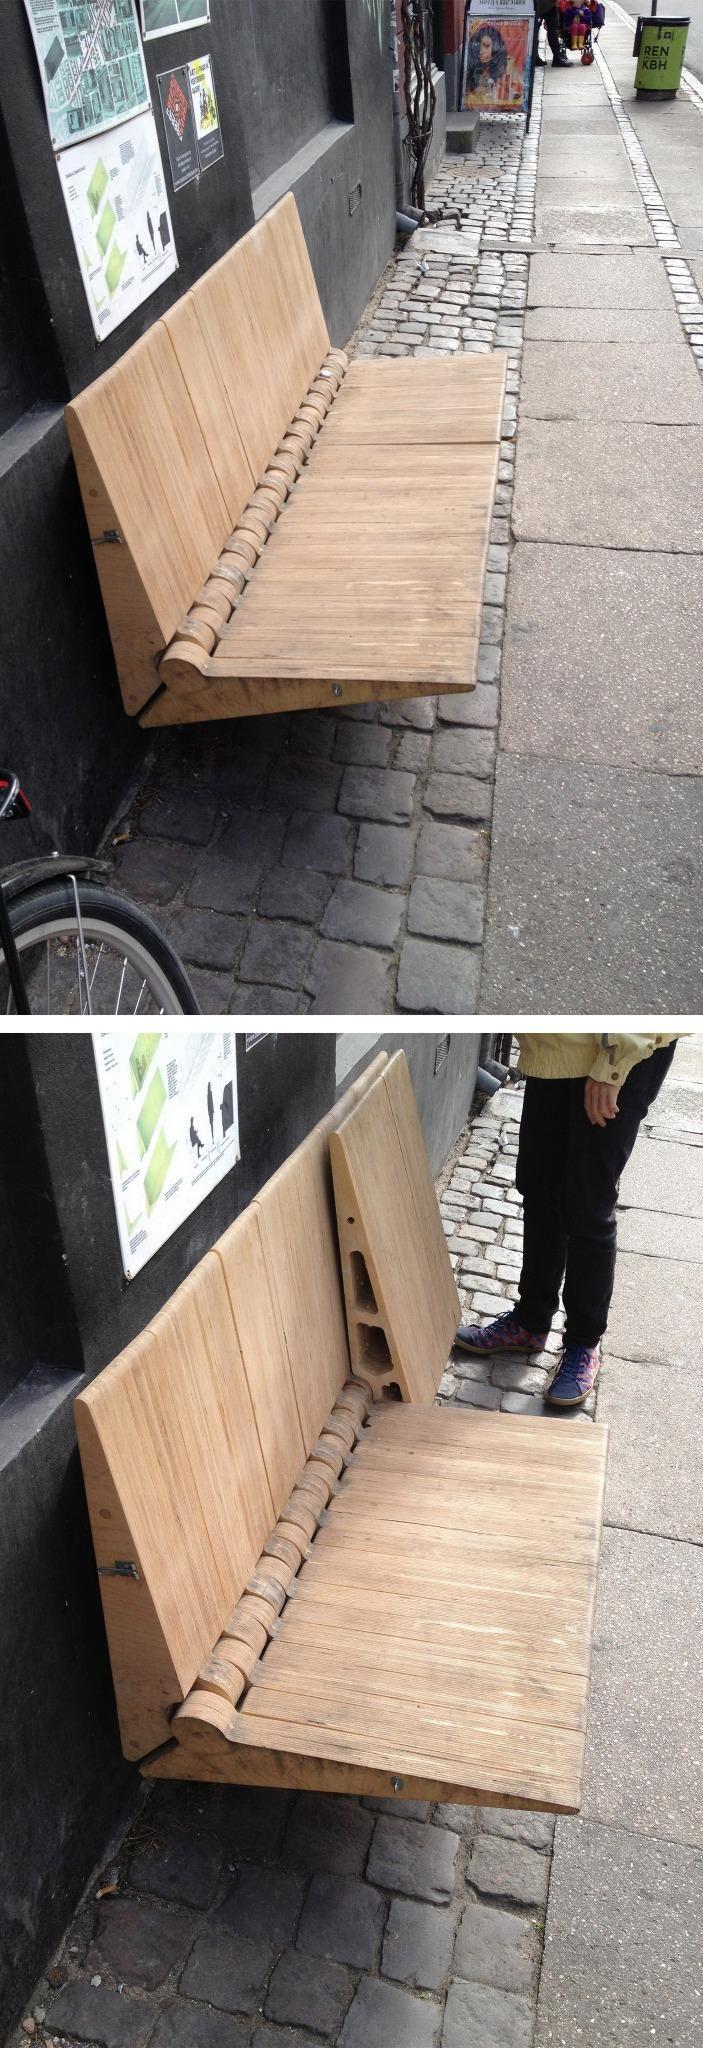 Bancas Públicas Plegables. Dinamarca/Copenhague Más